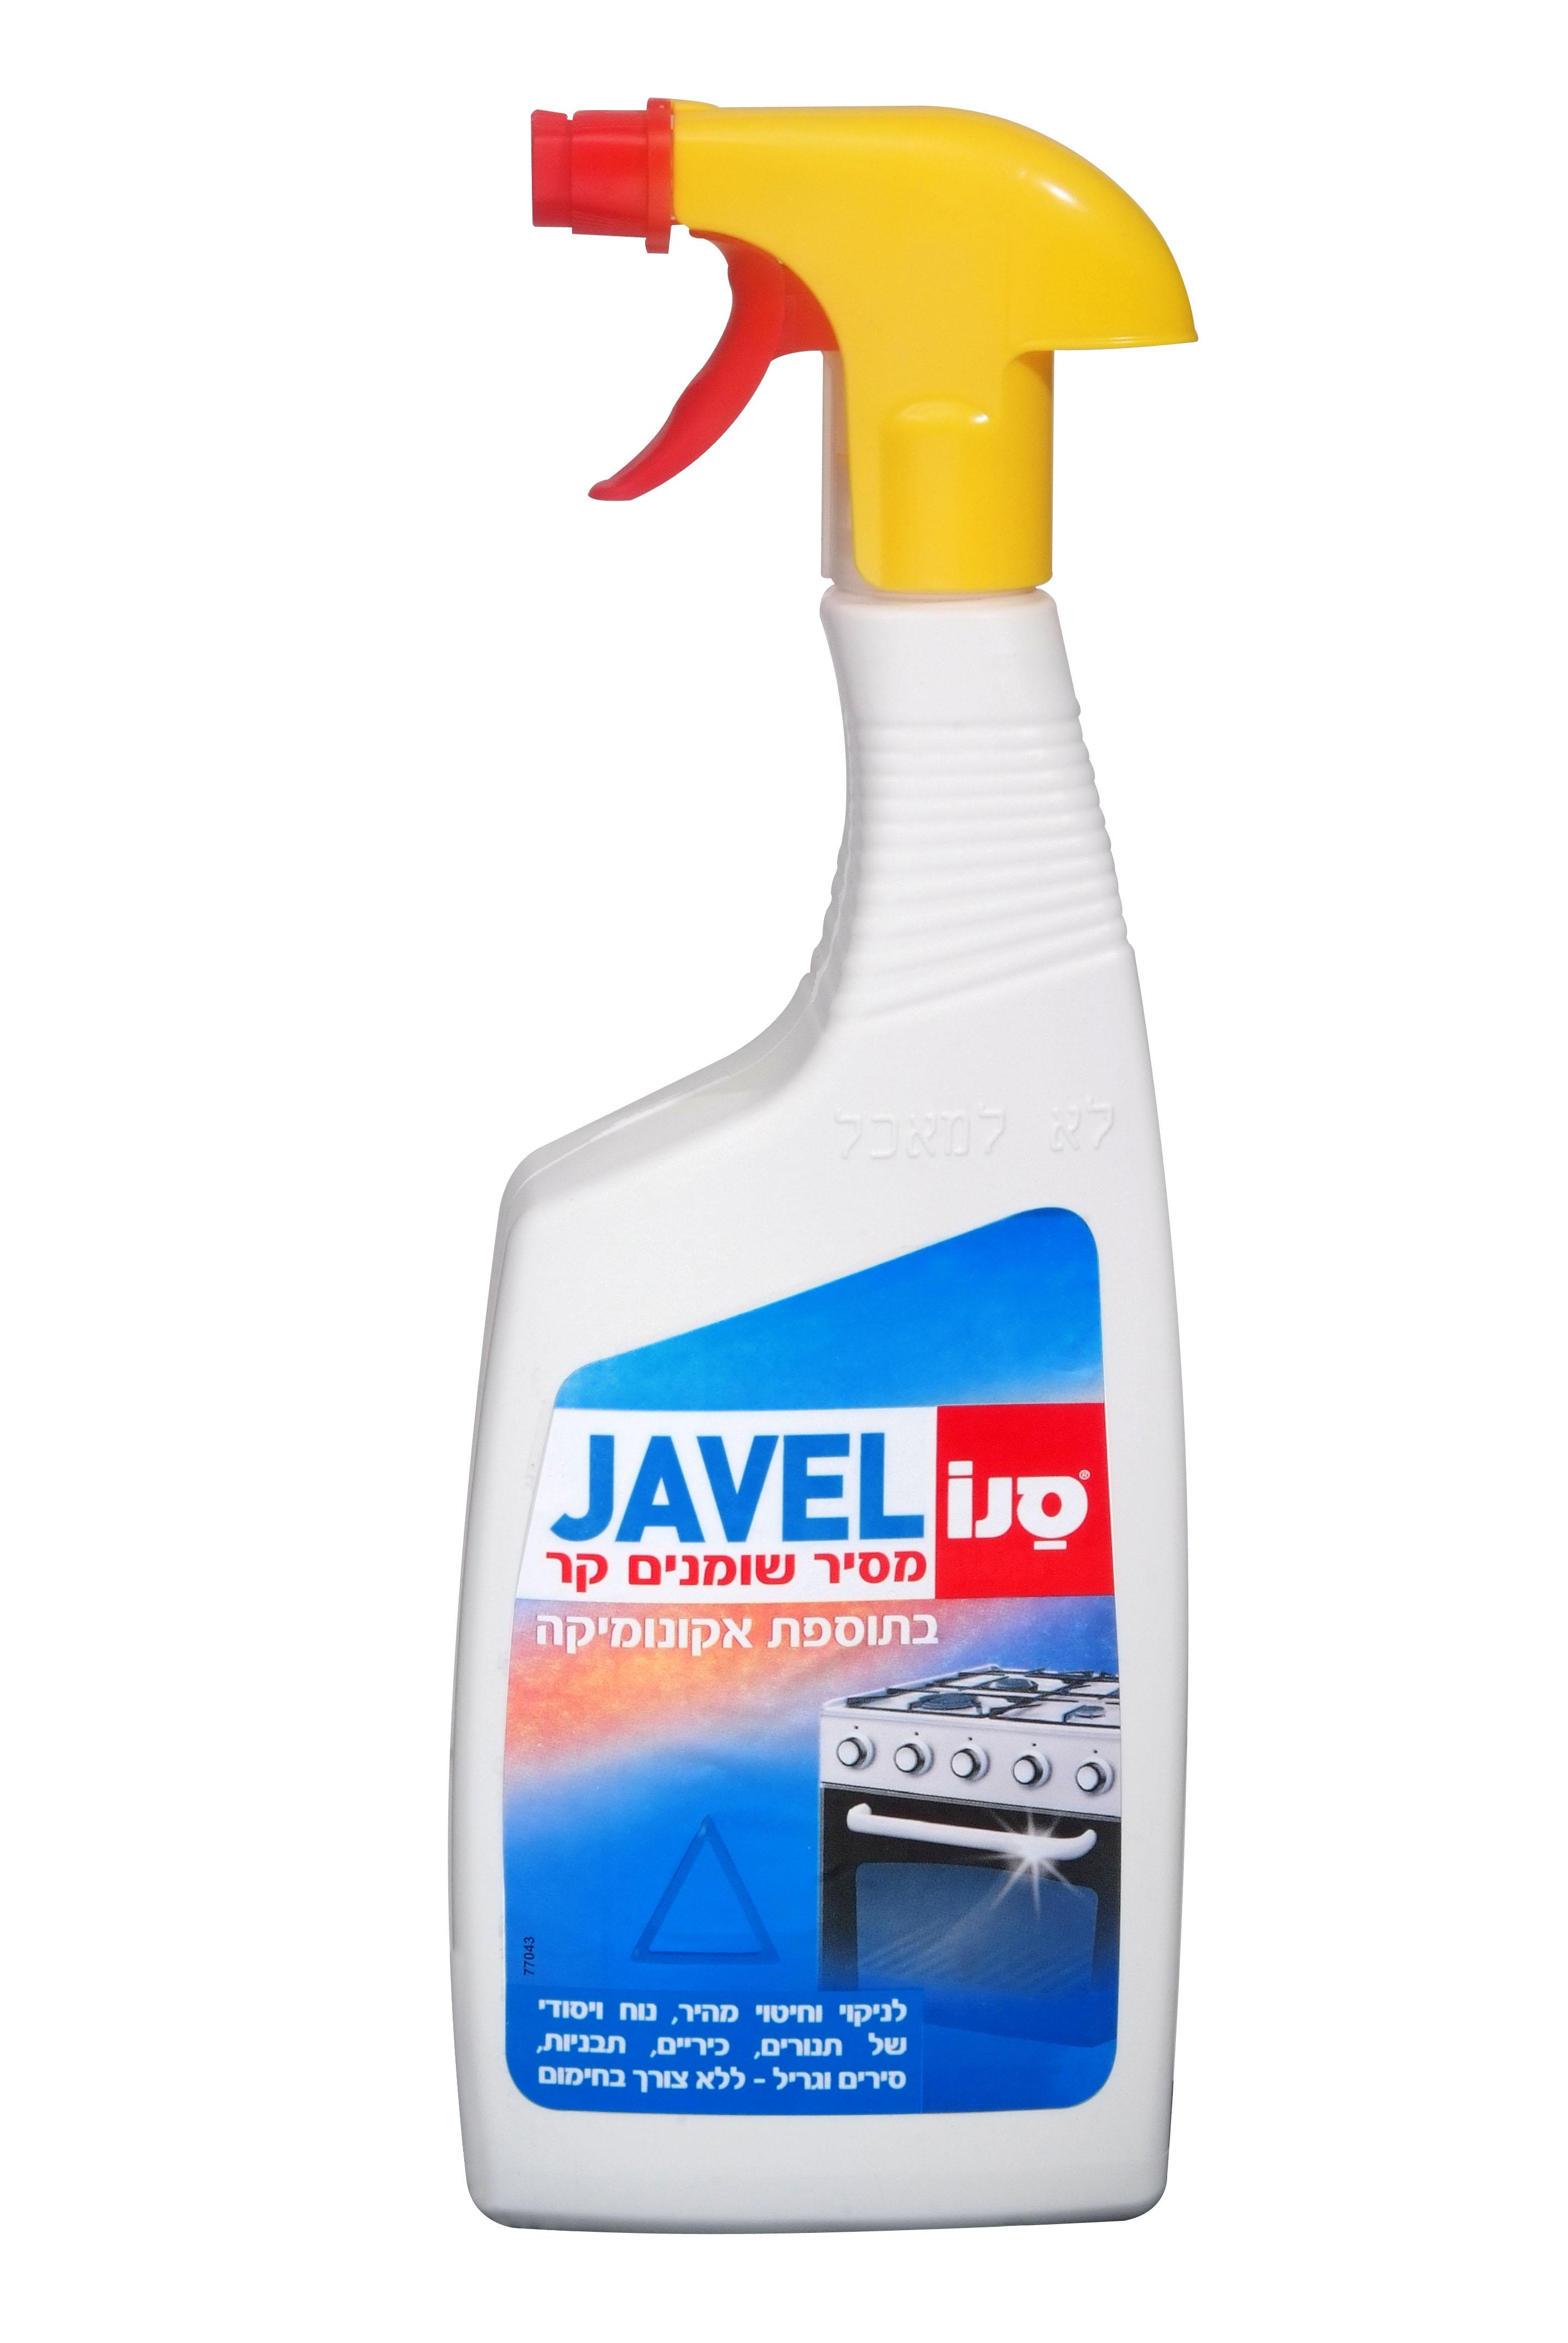 סנו ז'אוול  מנקה תנורים